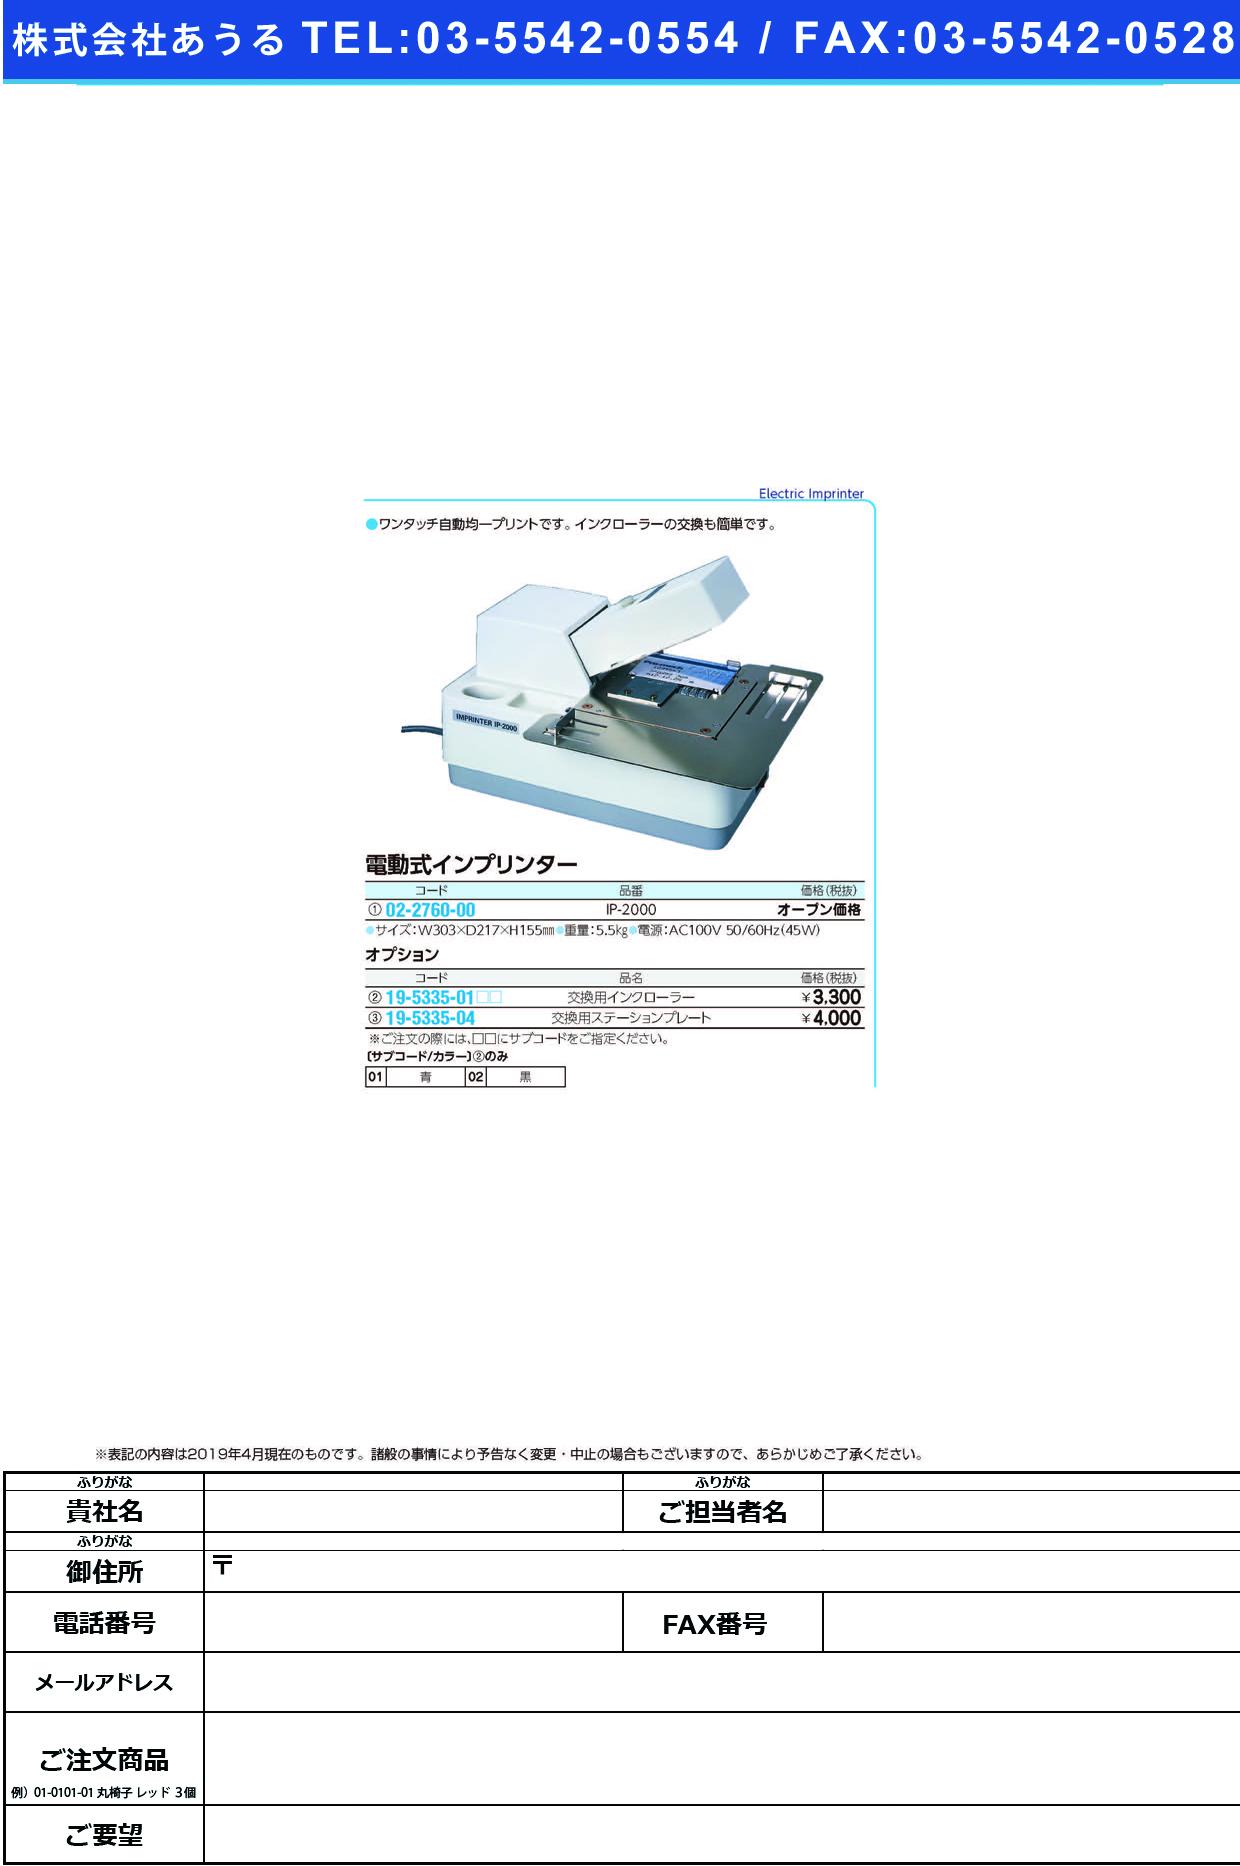 (02-2760-00)電動式インプリンター IP-2000 インプリンター【1台単位】【2019年カタログ商品】